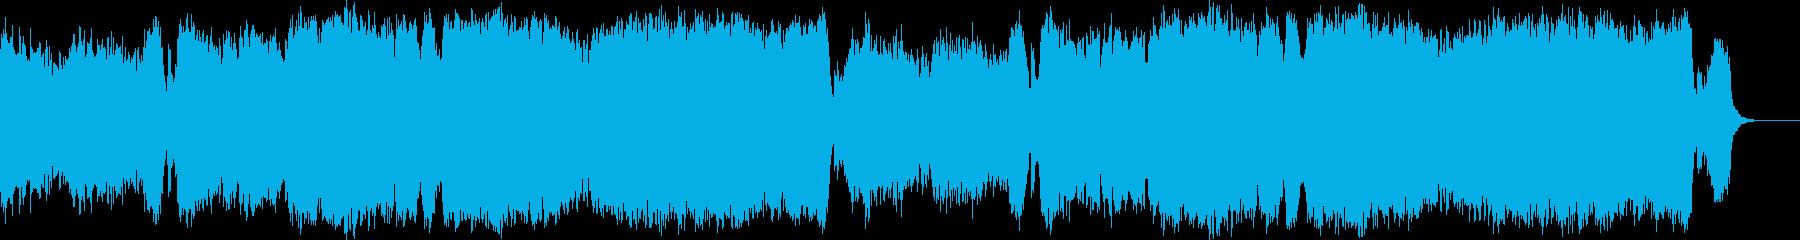 派手な戦闘シーンの再生済みの波形